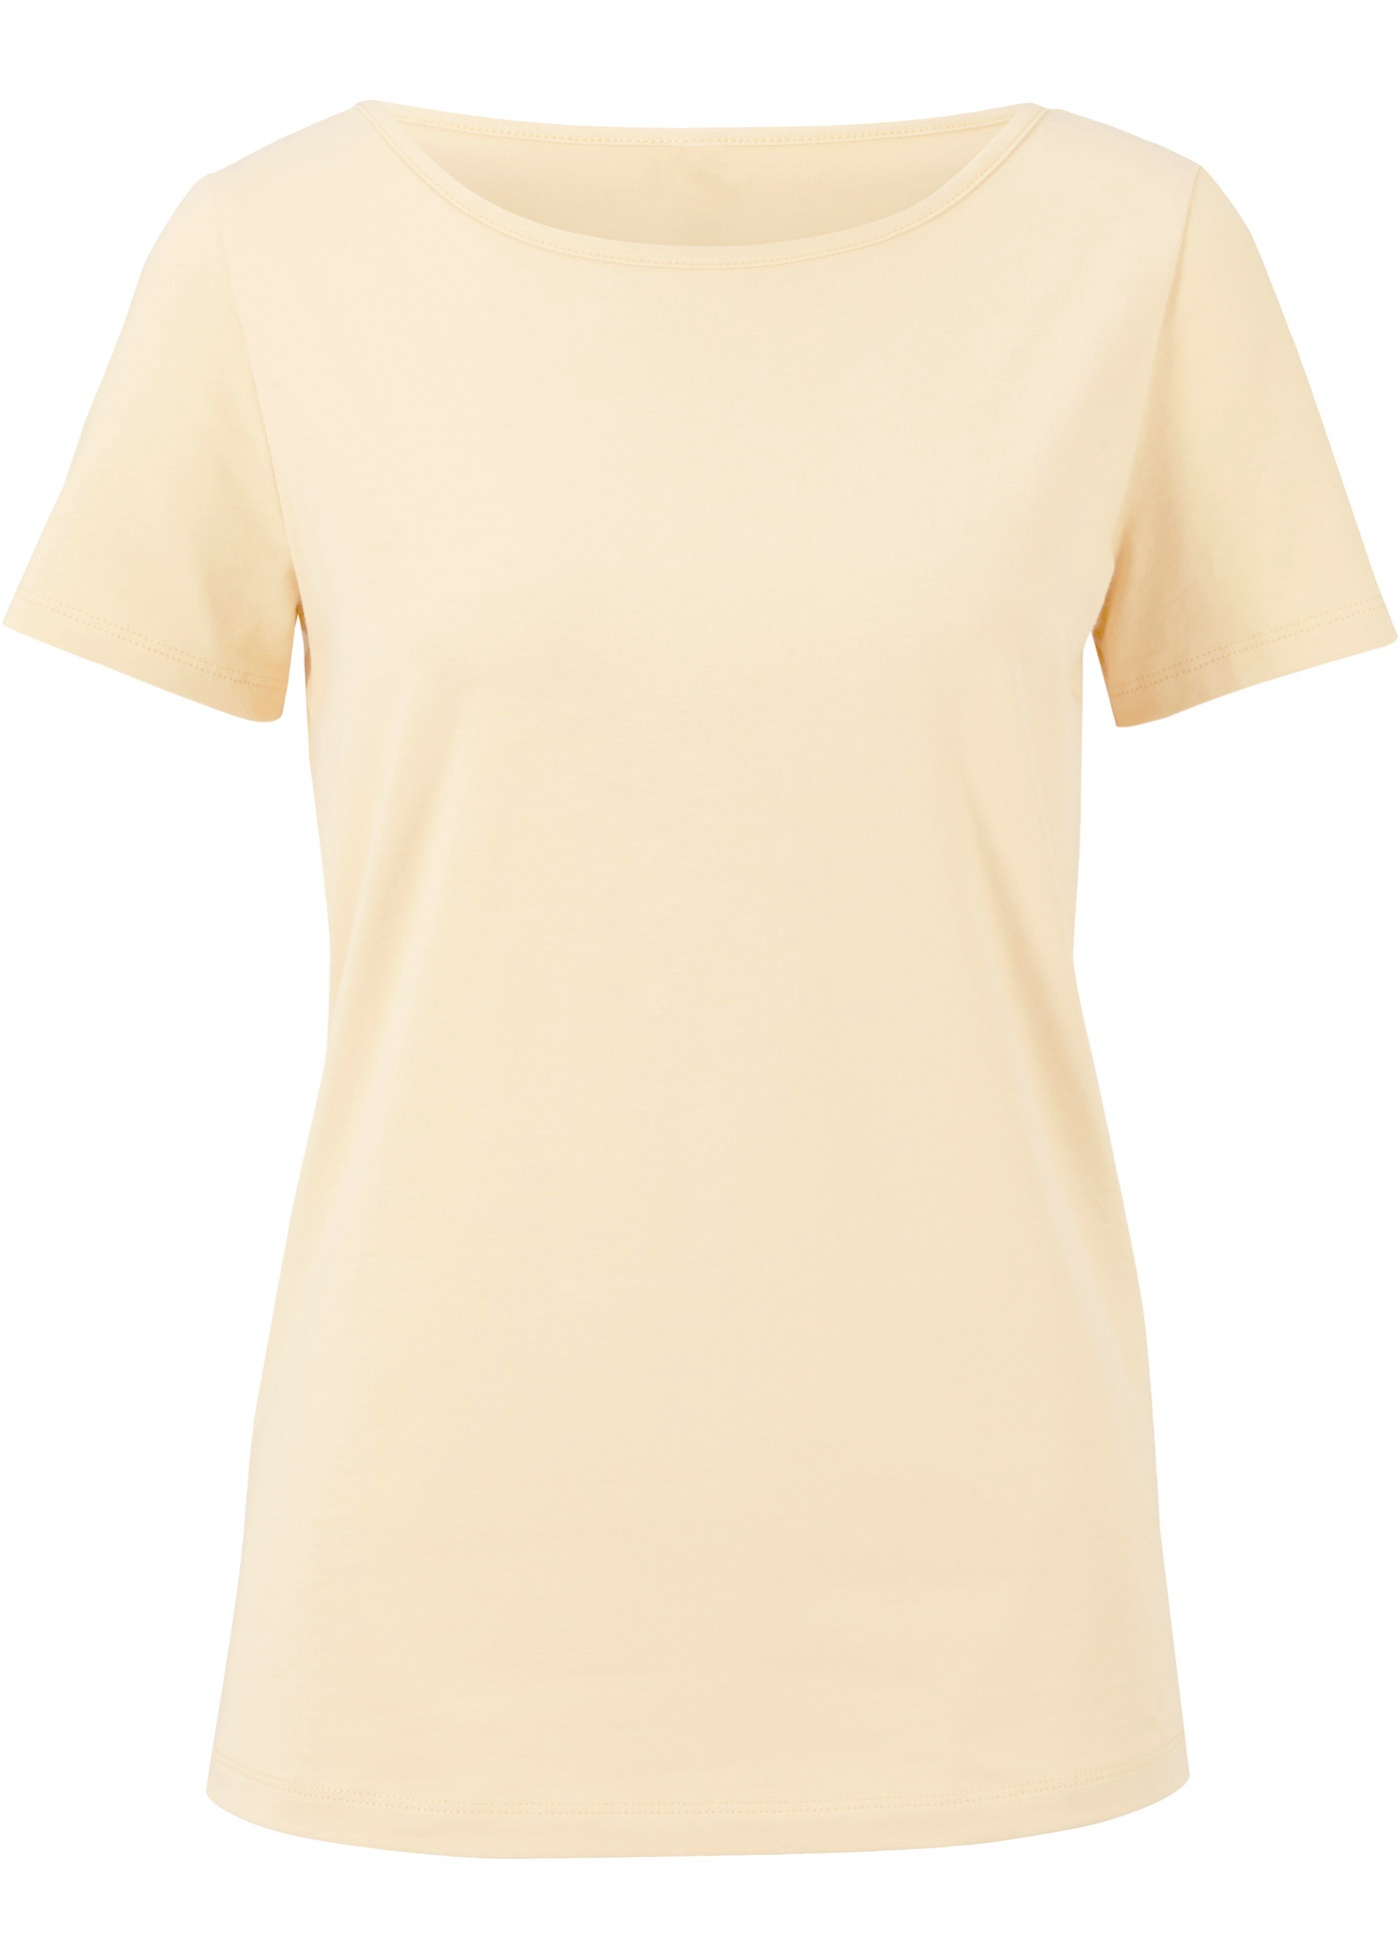 Naturfarben gefärbtes Shirt,  Bio - Baumwolle halber Arm  in beige für Damen von bonprix